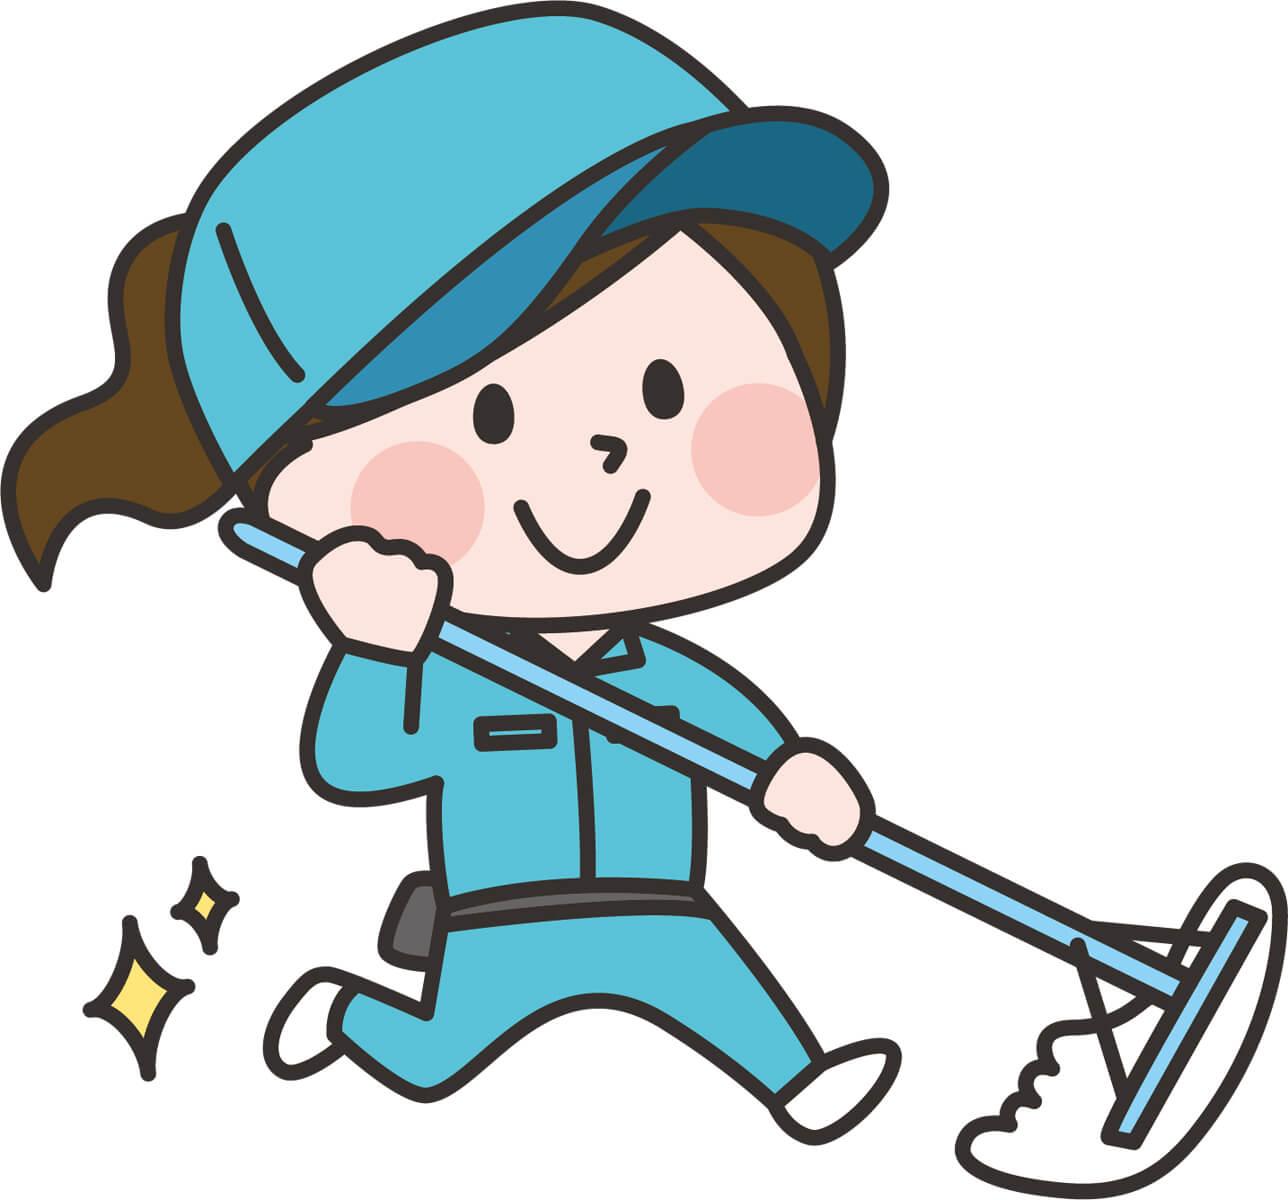 巡回清掃、定期清掃とは?